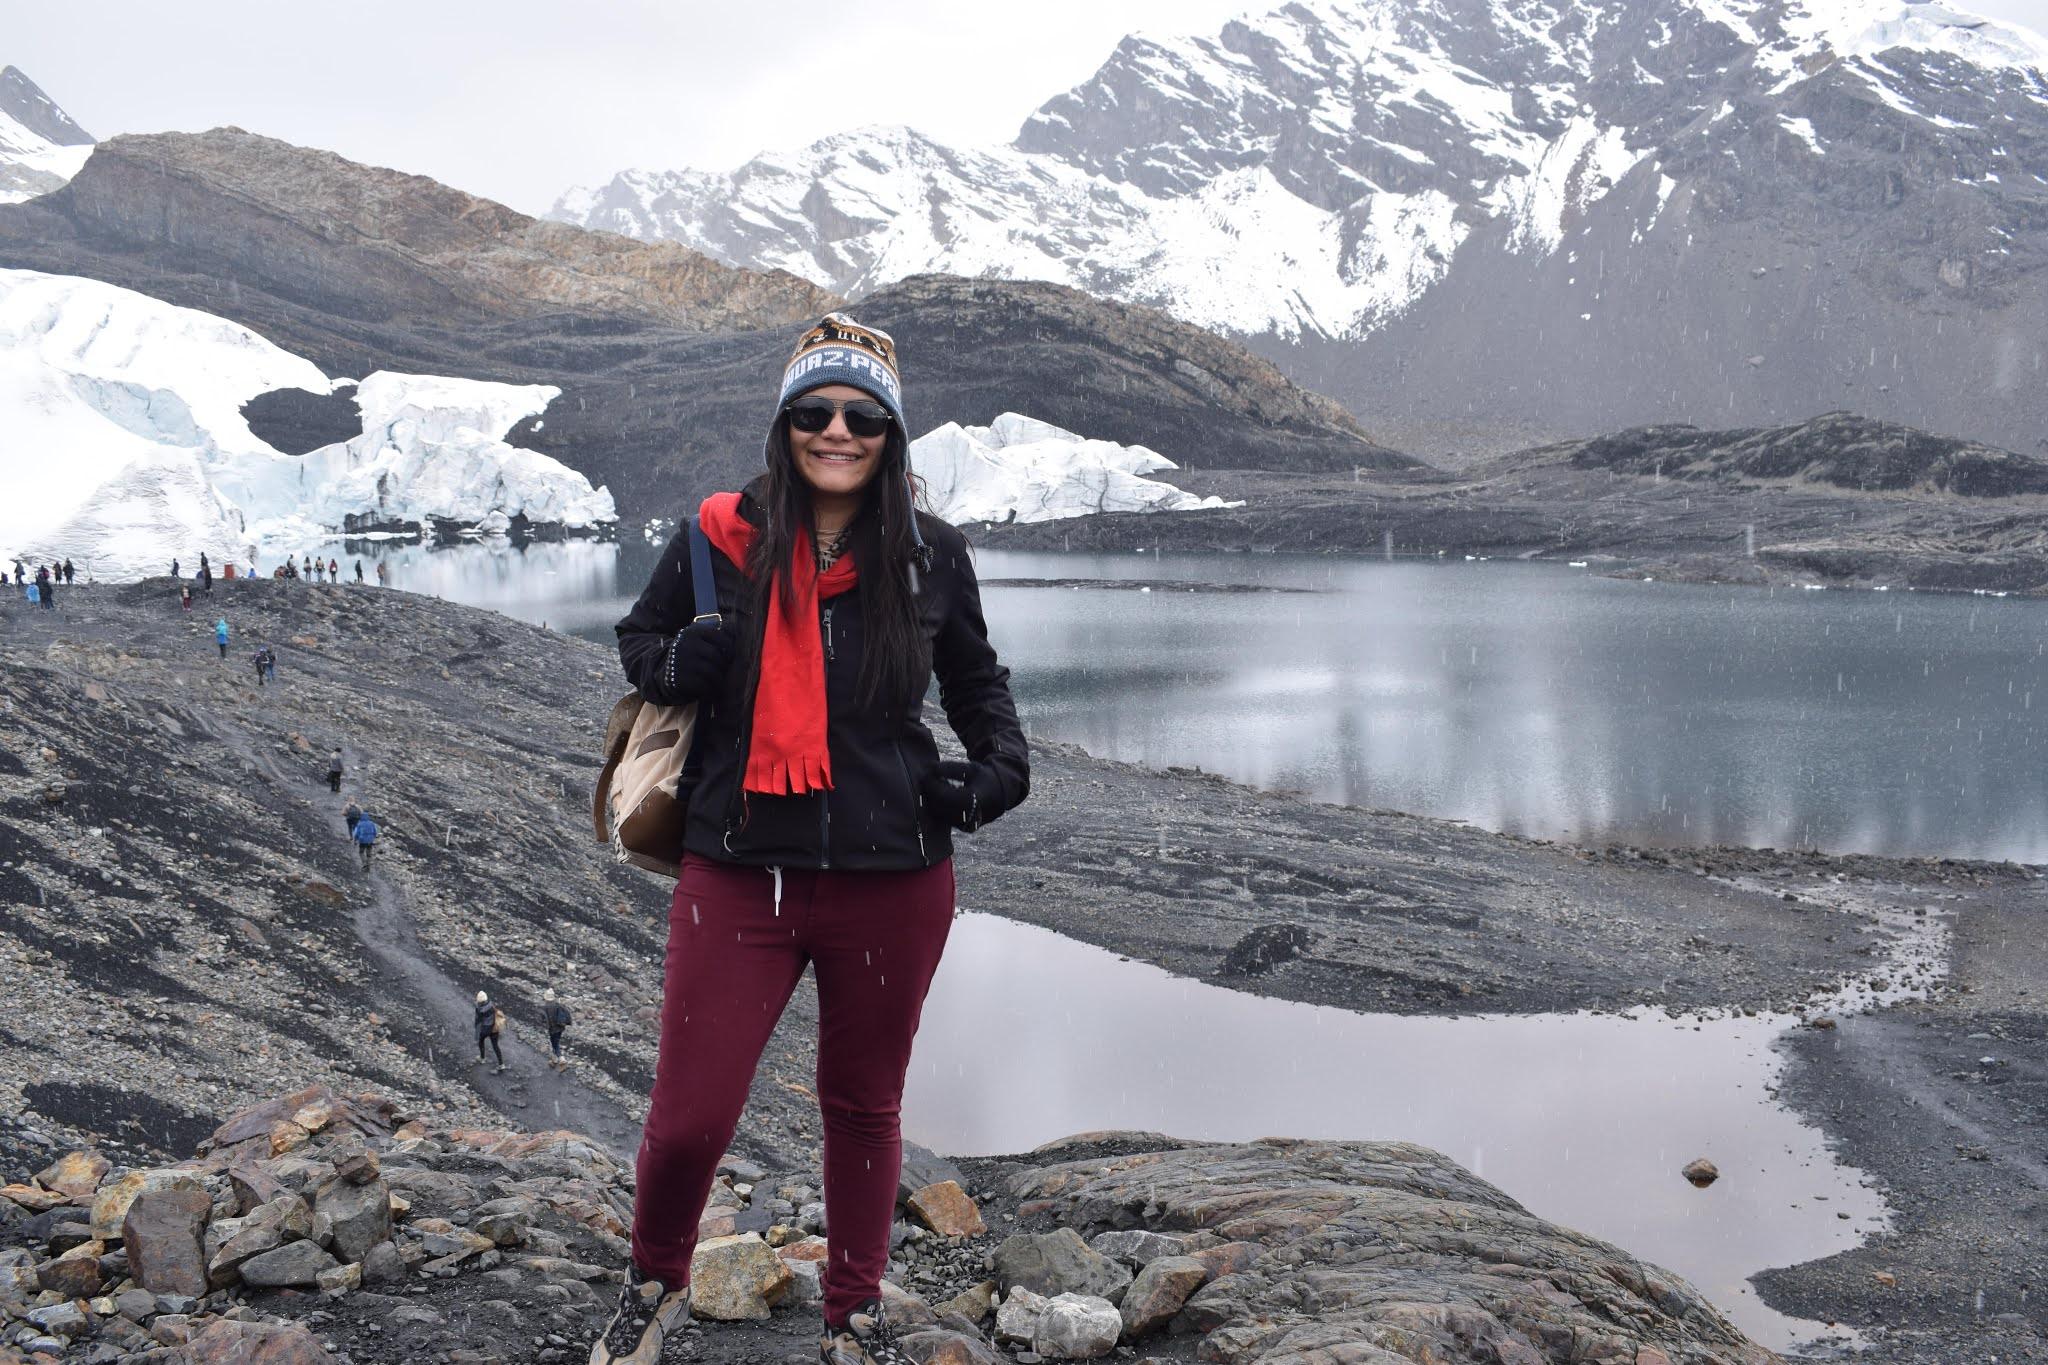 mulher com roupas de frio na neve